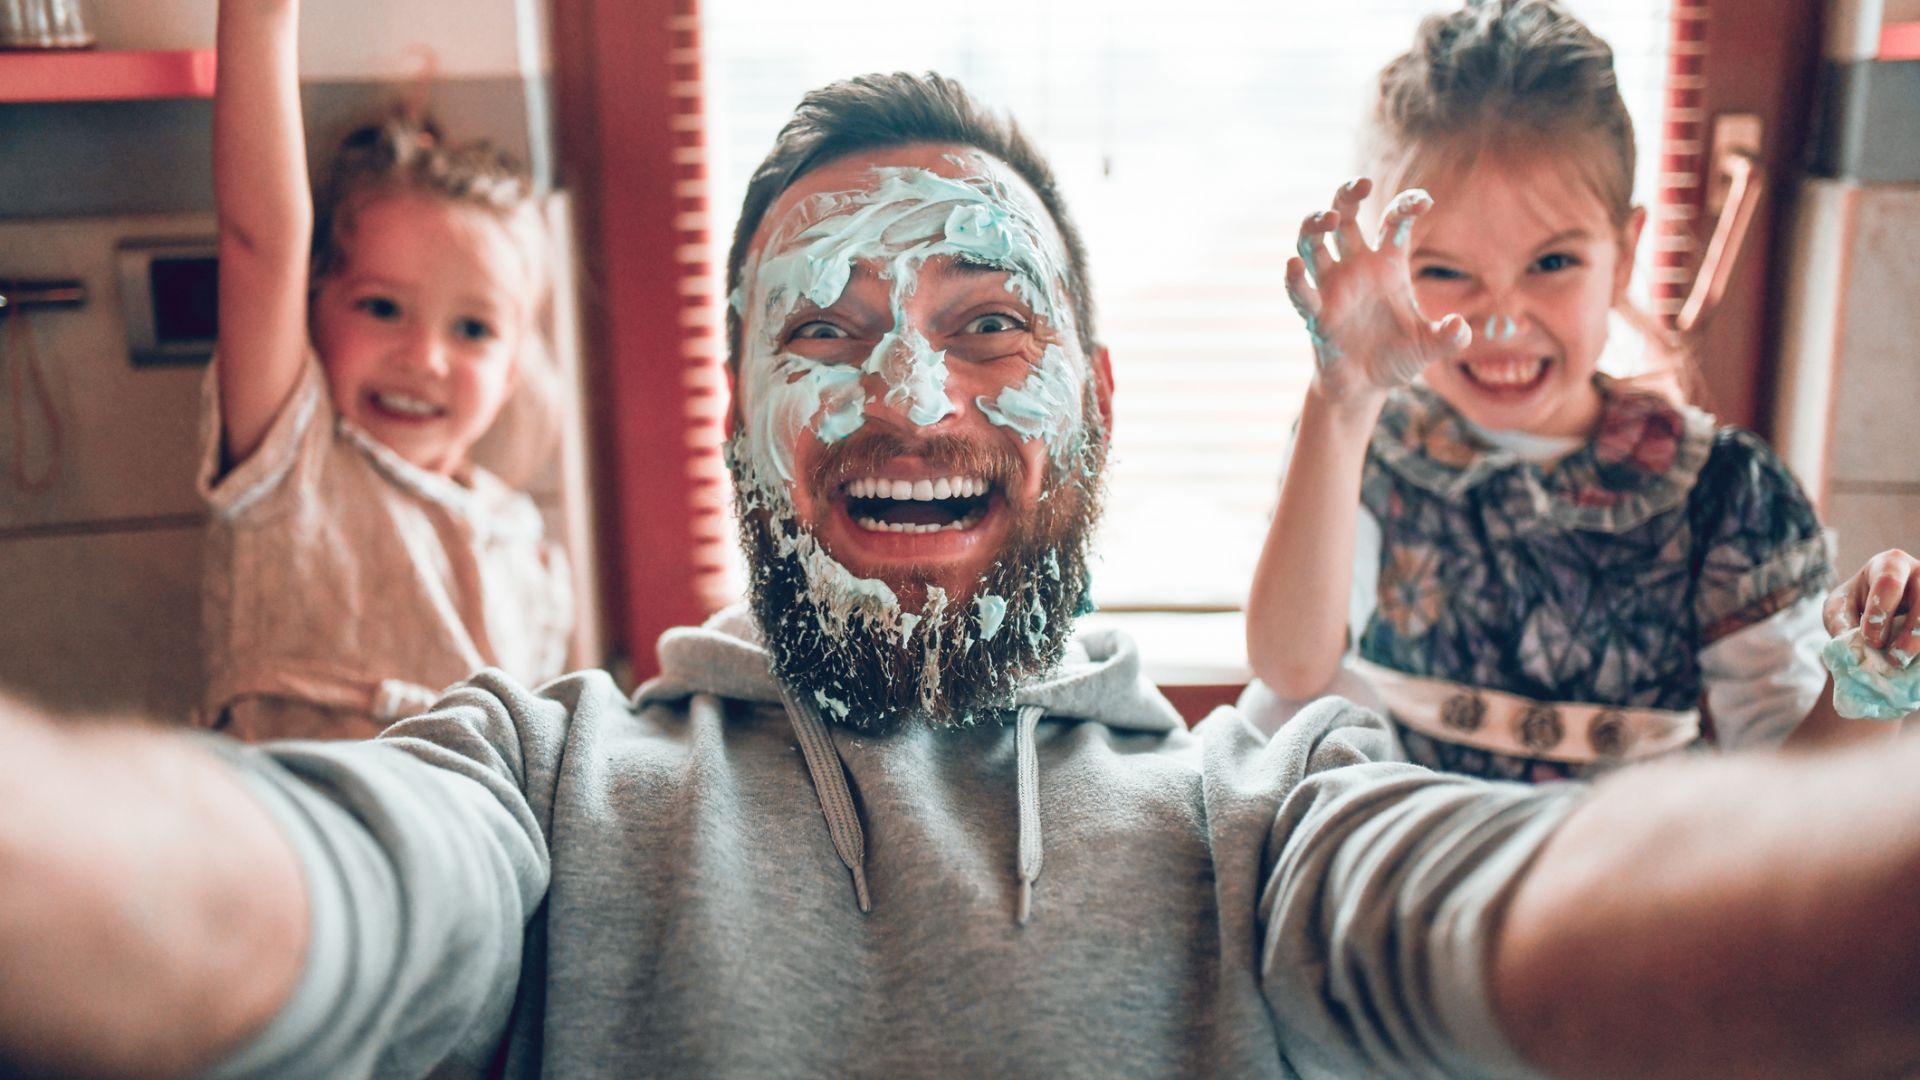 11 забавни статуса от родители в Twitter, доказващи, че животът с деца никога не е скучен